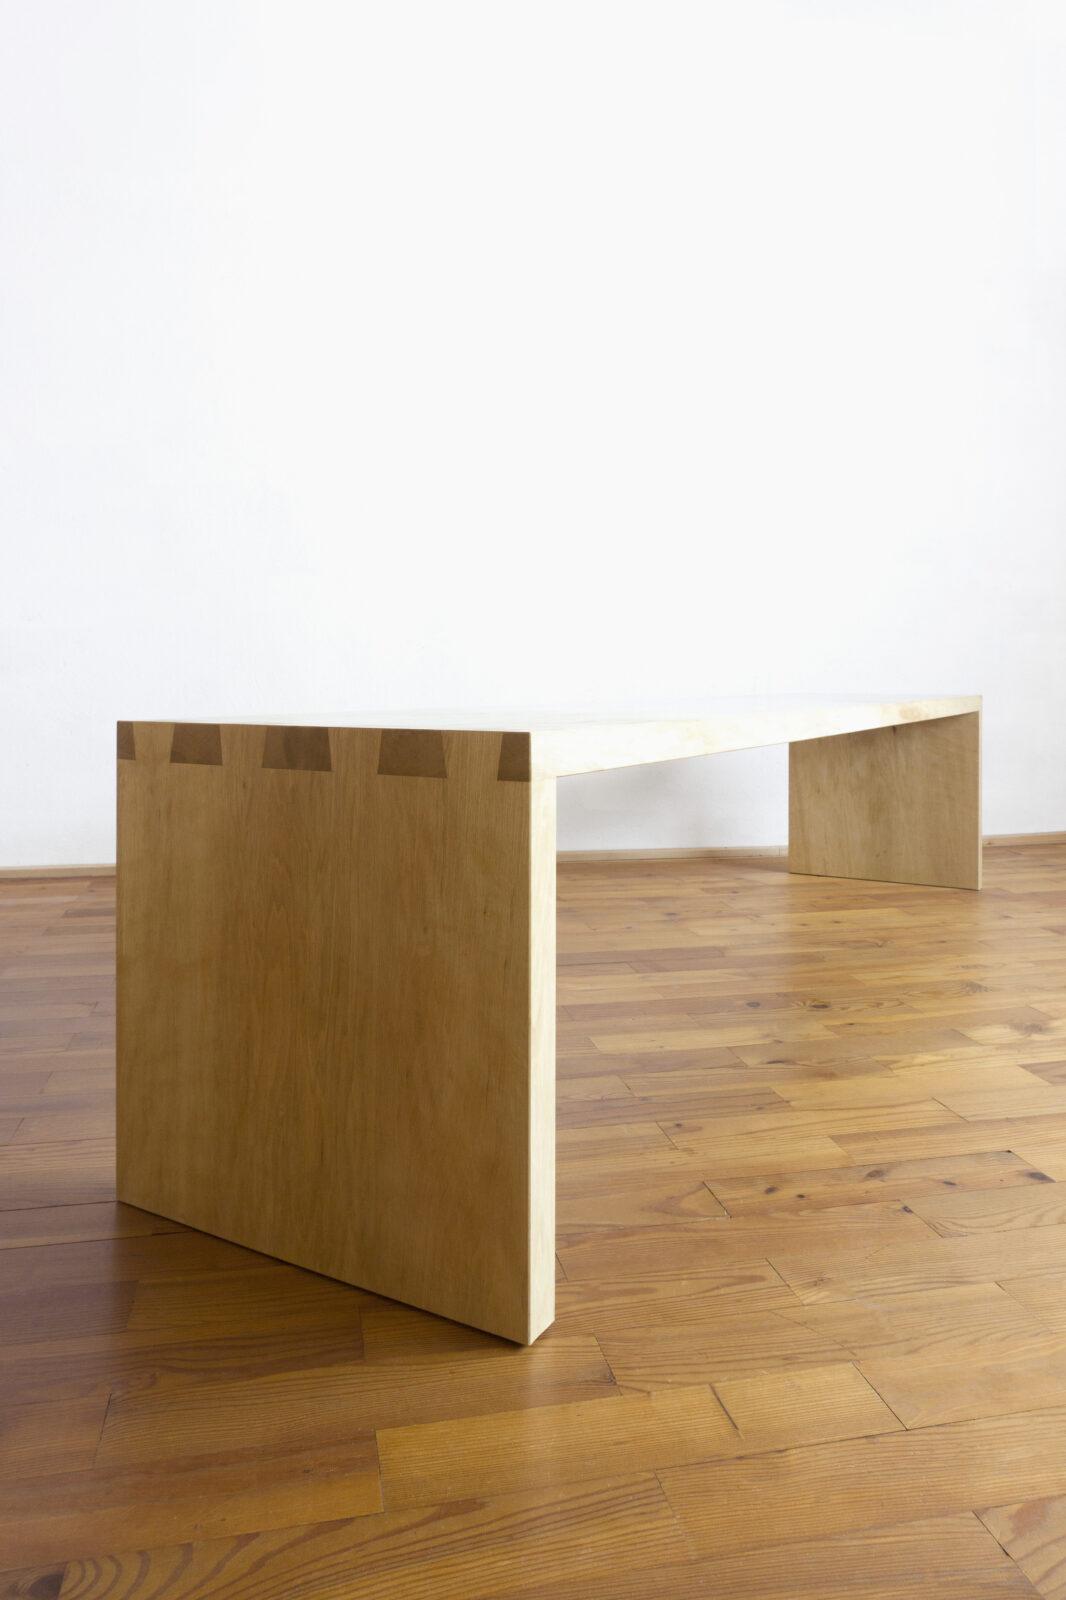 Sitzbank, seitlich, Massivholzmöbel handgemacht, Hochwertige Möbel aus Massivholz, Holzoberflächen handgehobelt, Einzelmöbelstücke, The Trees of Life